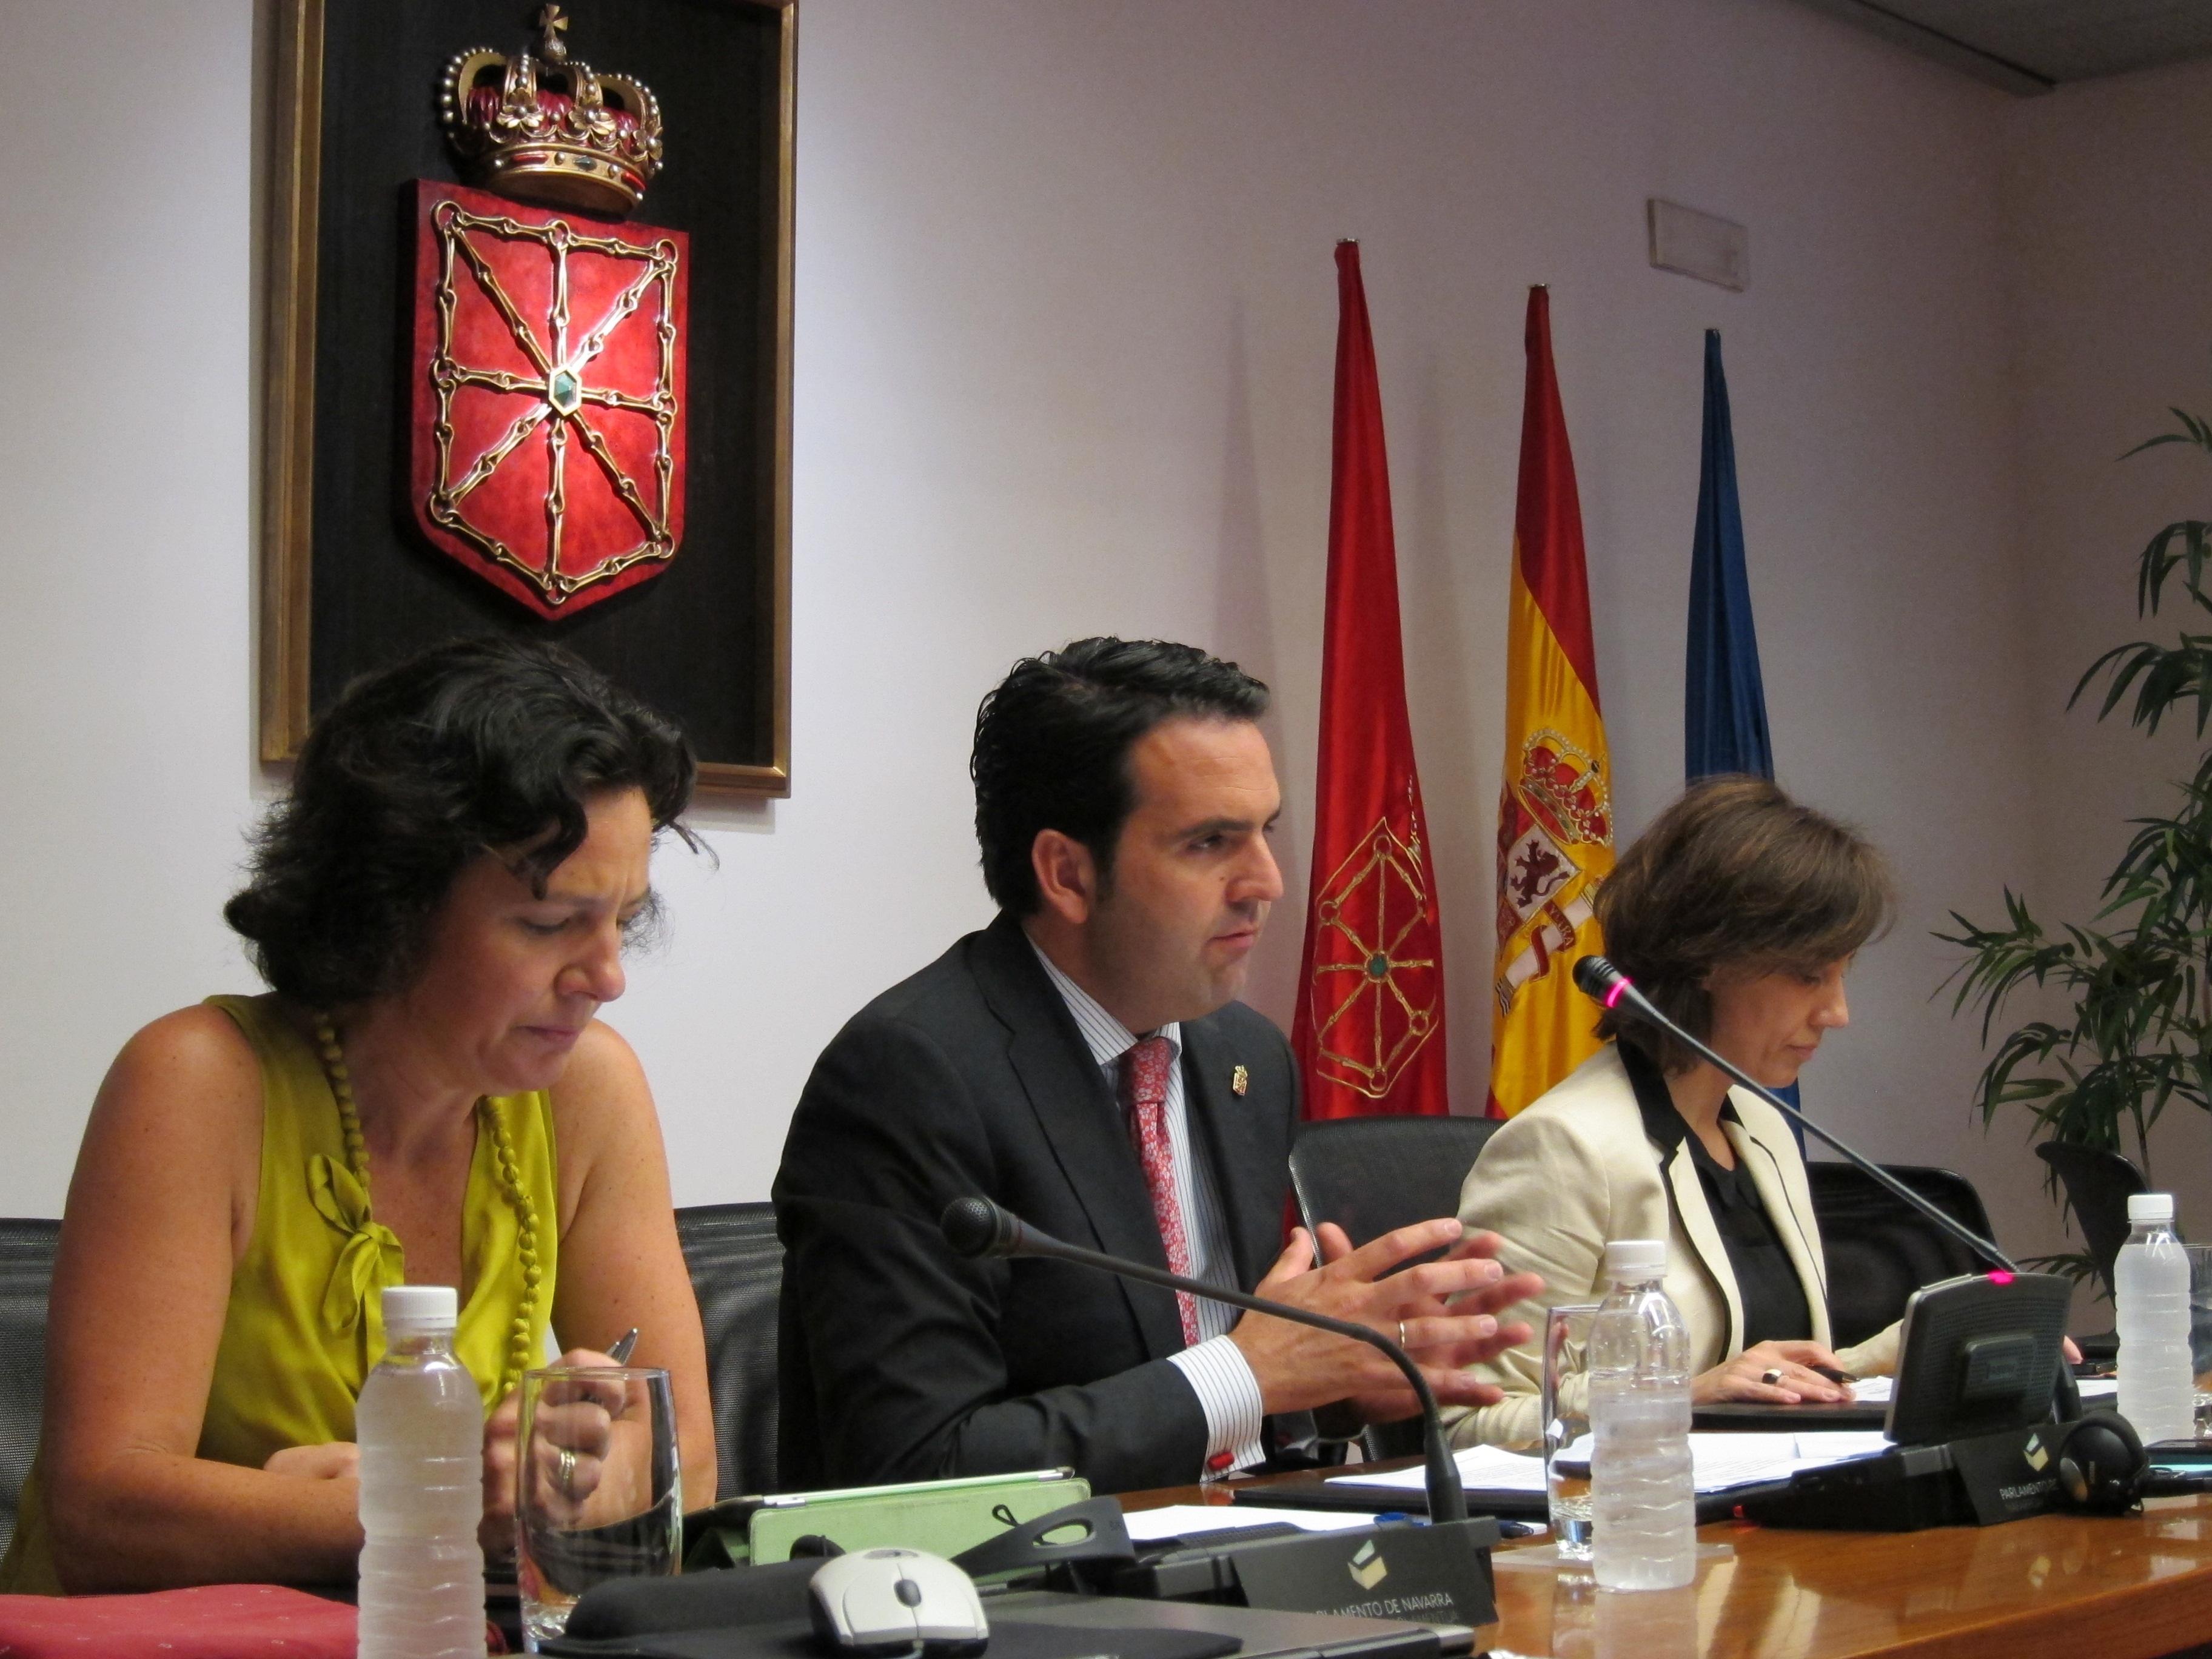 El Gobierno foral prevé aprobar la redacción final de la nueva ley contra la violencia de género en abril de 2014